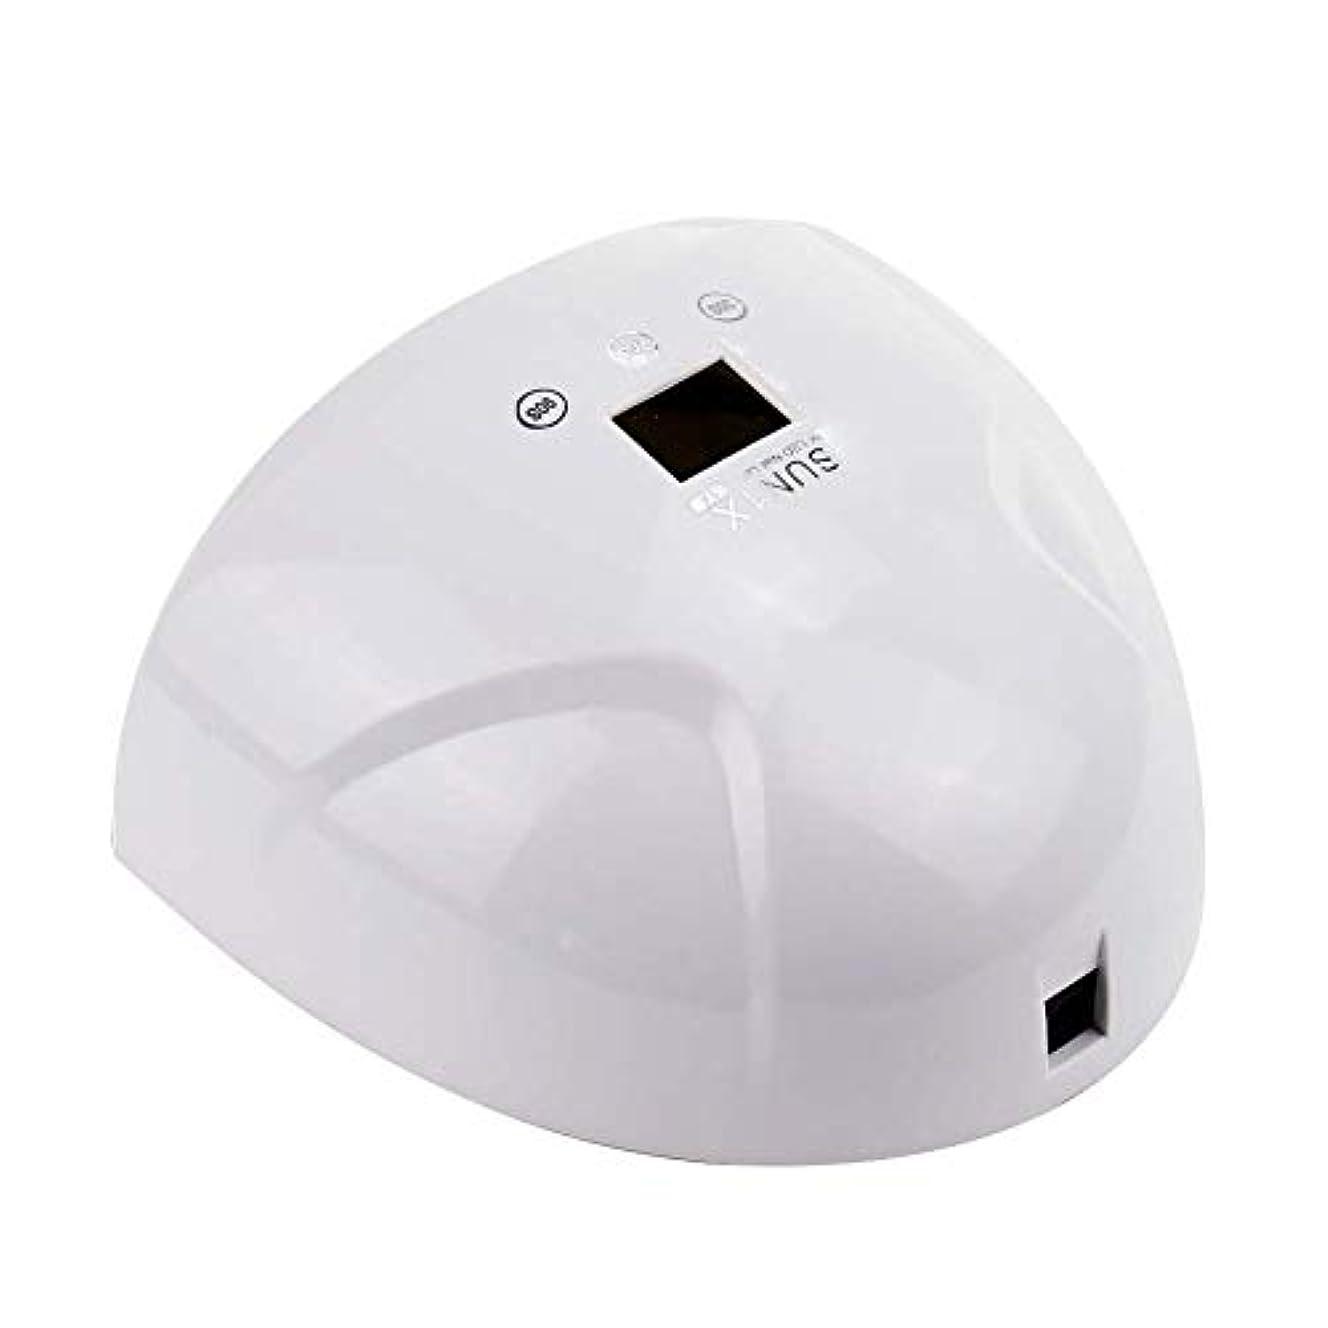 もしアプローチやりすぎネイルドライヤーランプマニキュアネイルポリッシュledライト付き365 + 405nm 36ワット硬化ジェルuvネイルランプ機ネイルアートツール